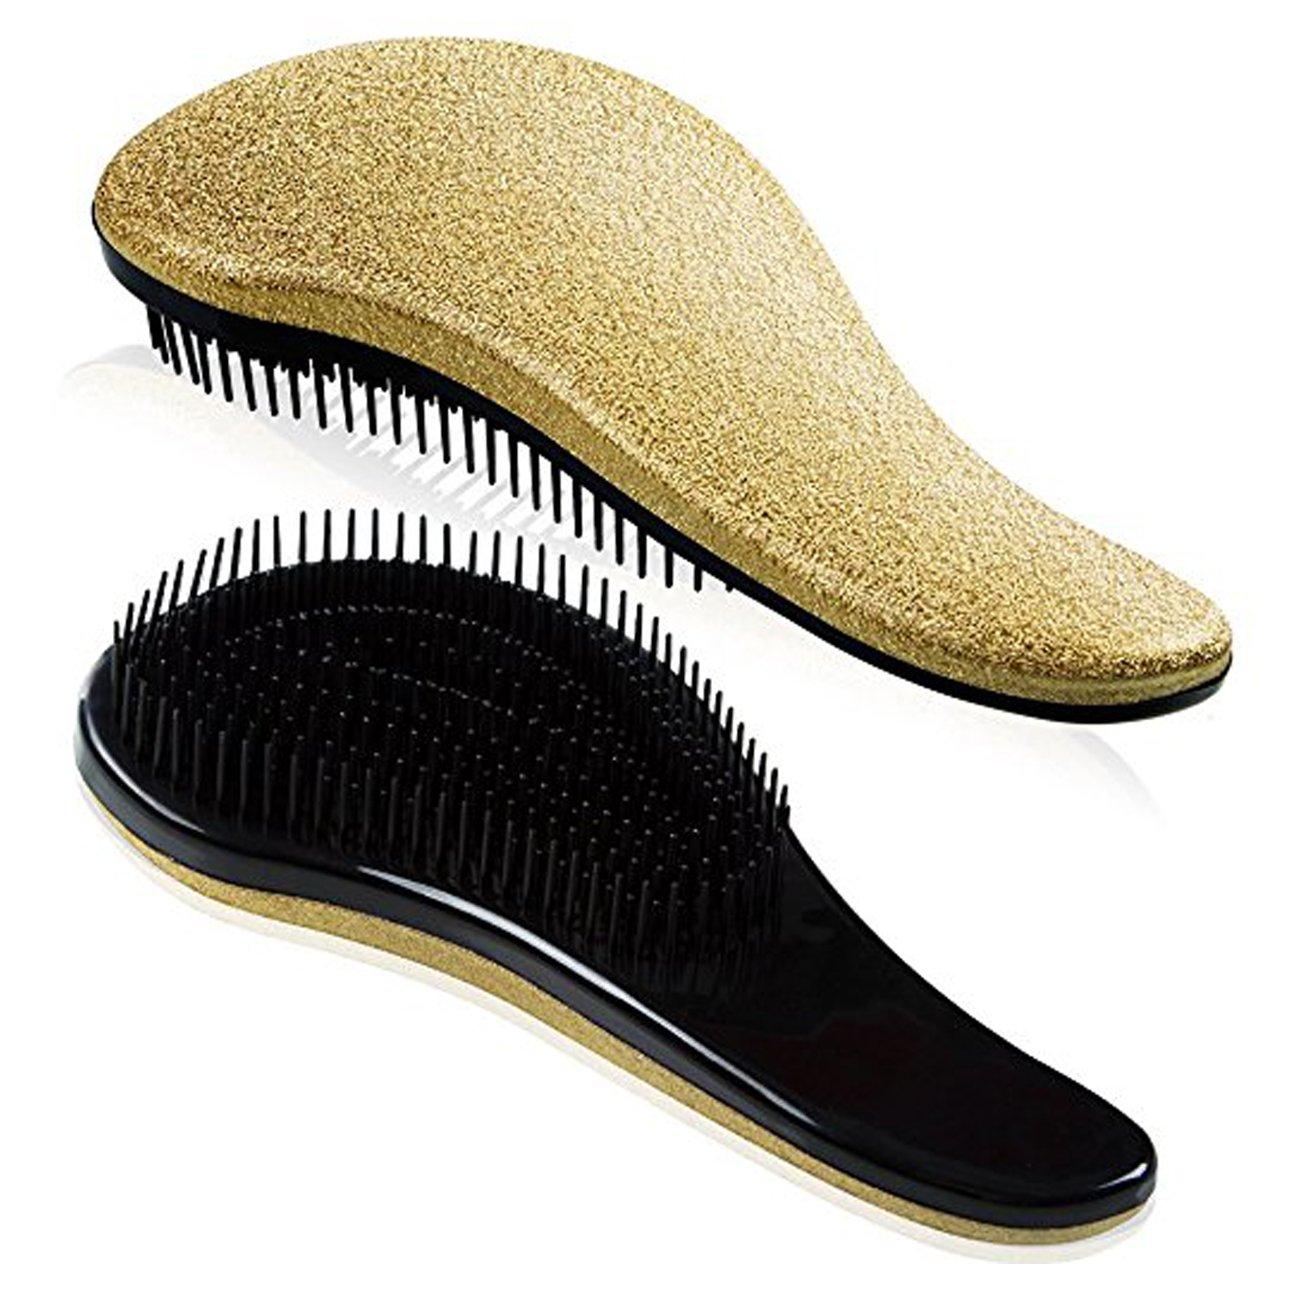 Detangling Hairbrush Comb- Glide Through All Types of Natural & Tangled Hair - Dry & Wet Hair Brush- Gold Sparkle Hair Detangler Brush - For Kids, Women, Men (Gold) by Outopest (Image #2)